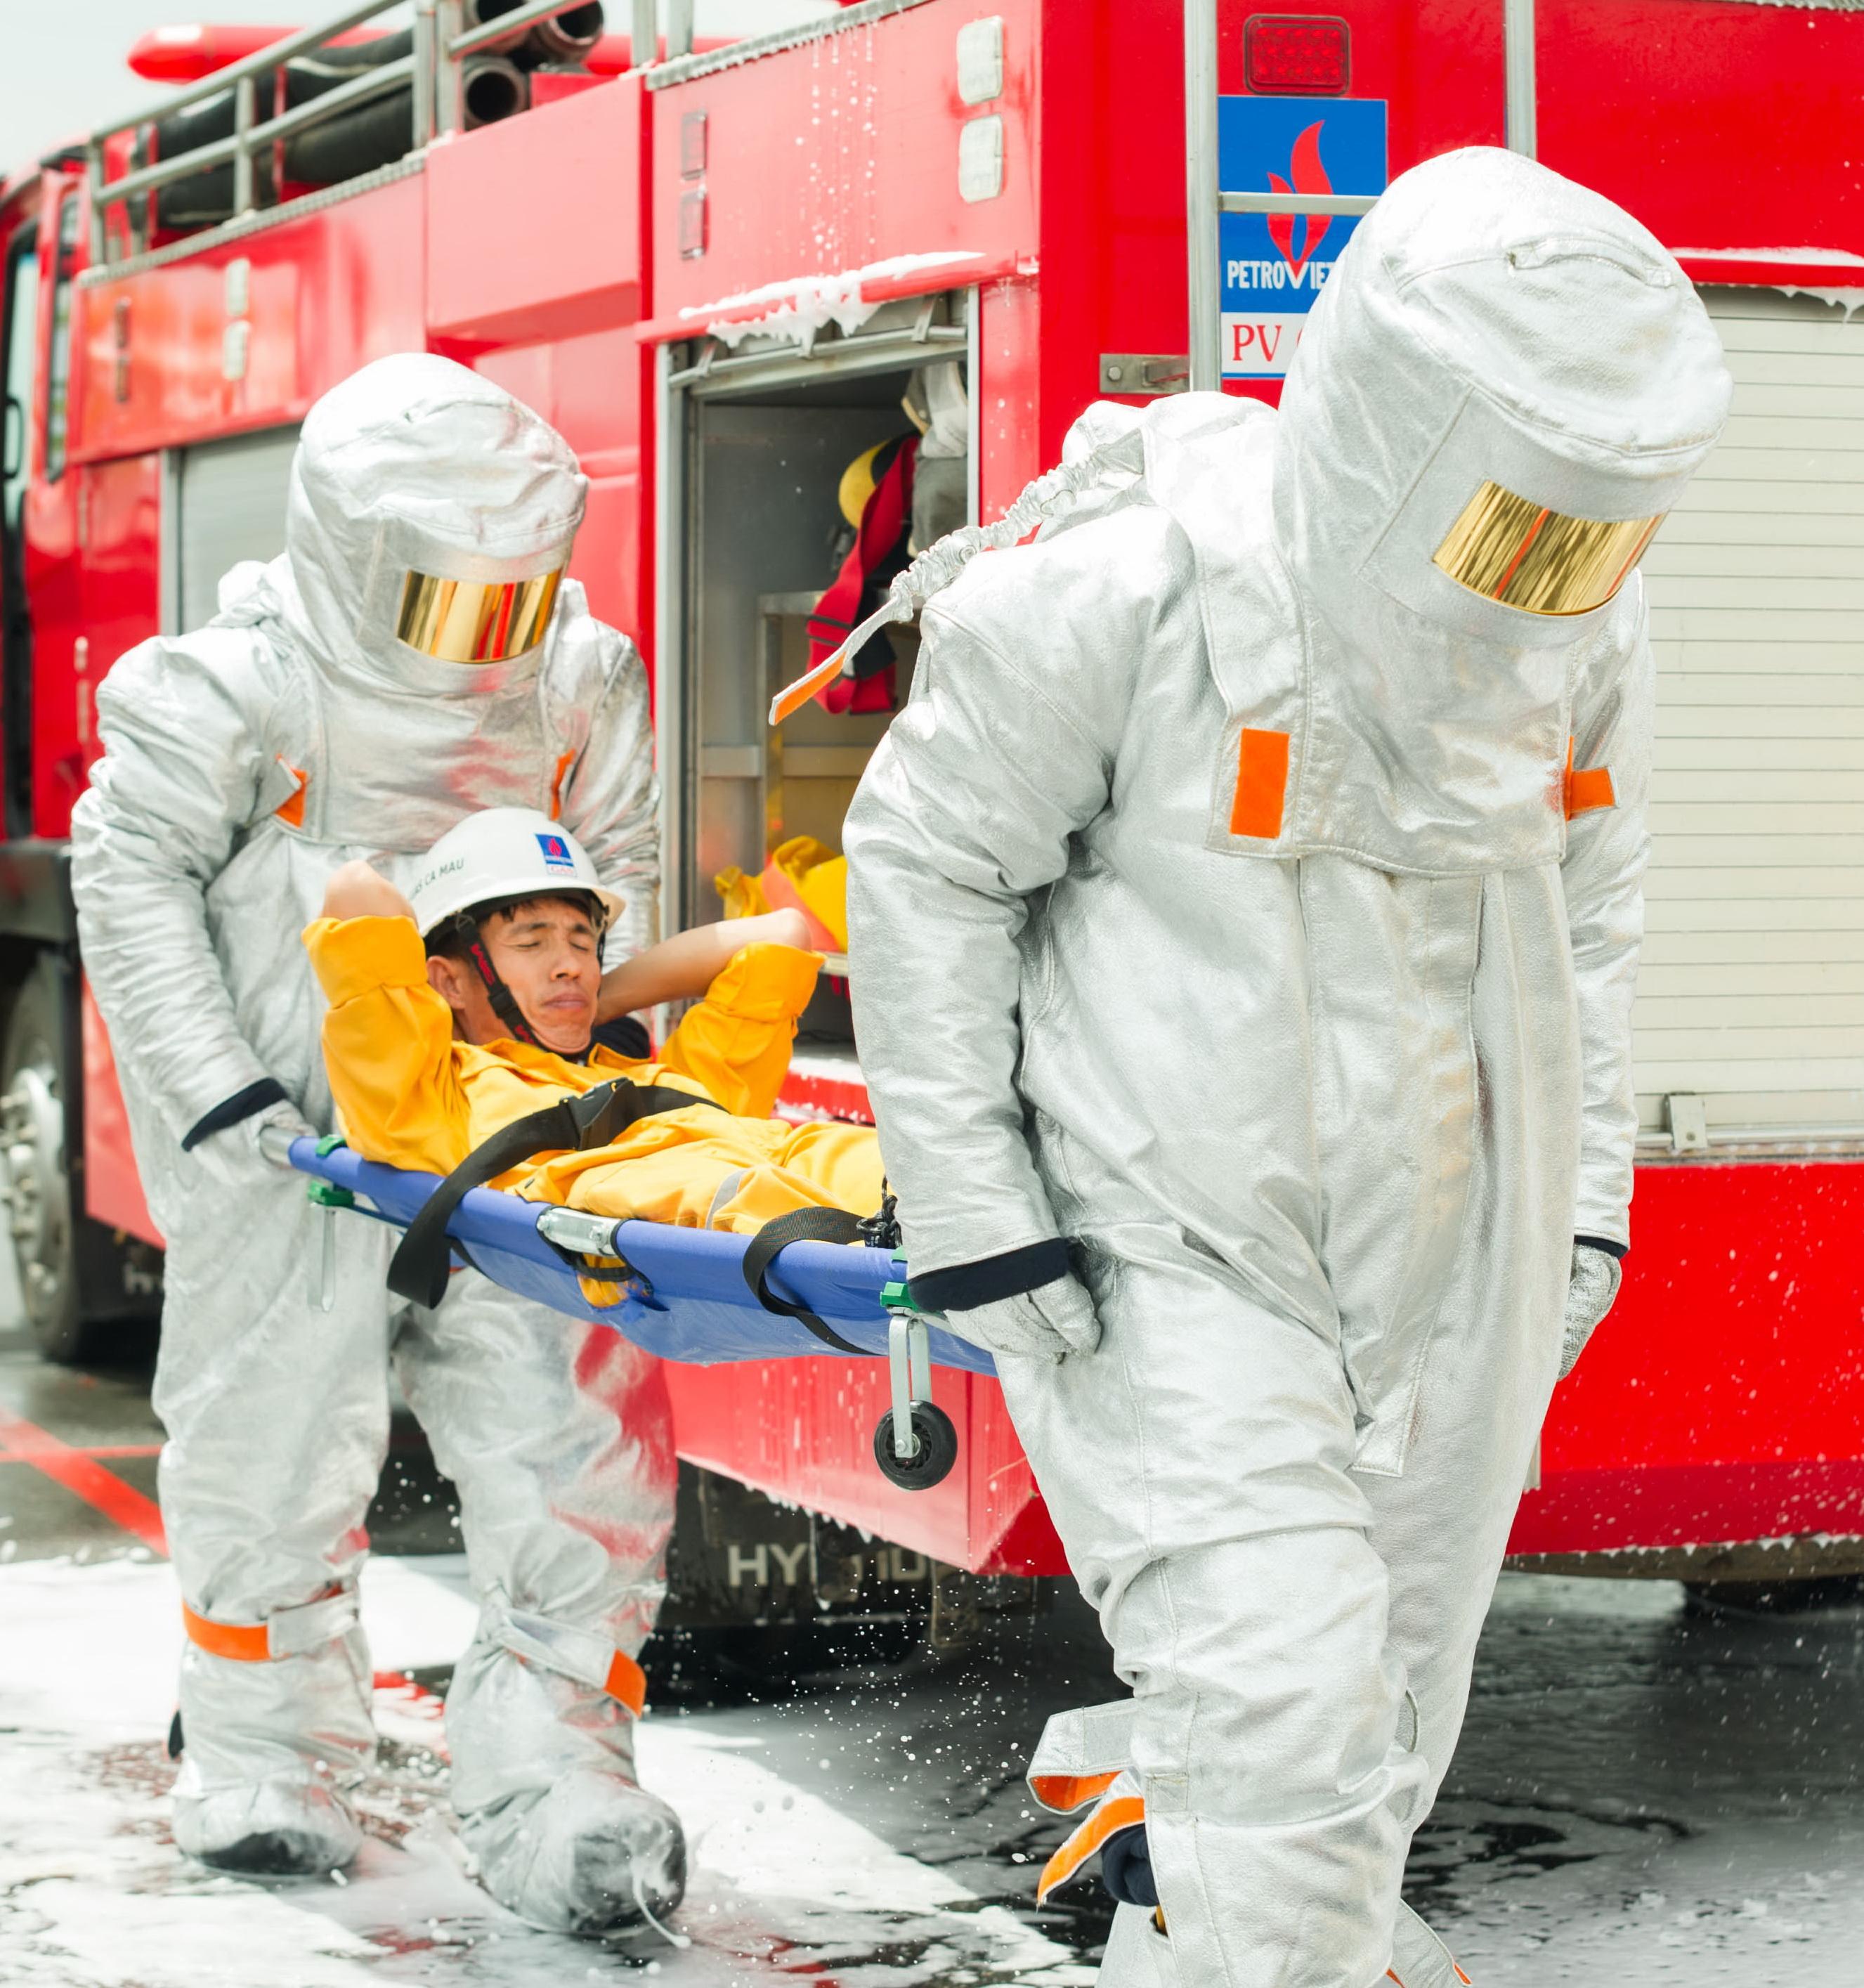 Thường xuyên huấn luyện, luyện tập để đảm bảo an toàn lao động